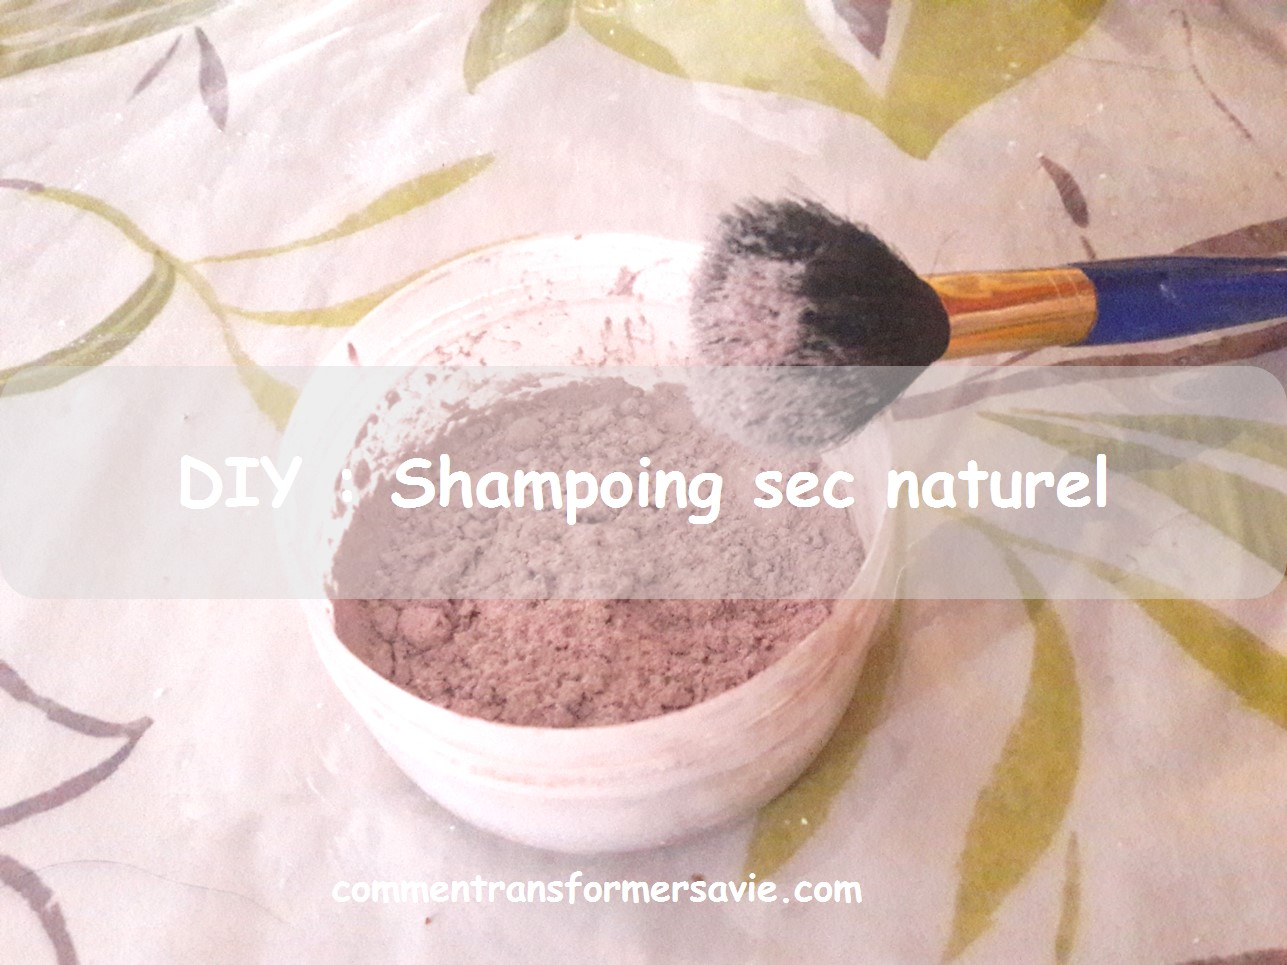 DIY Shampoig sec